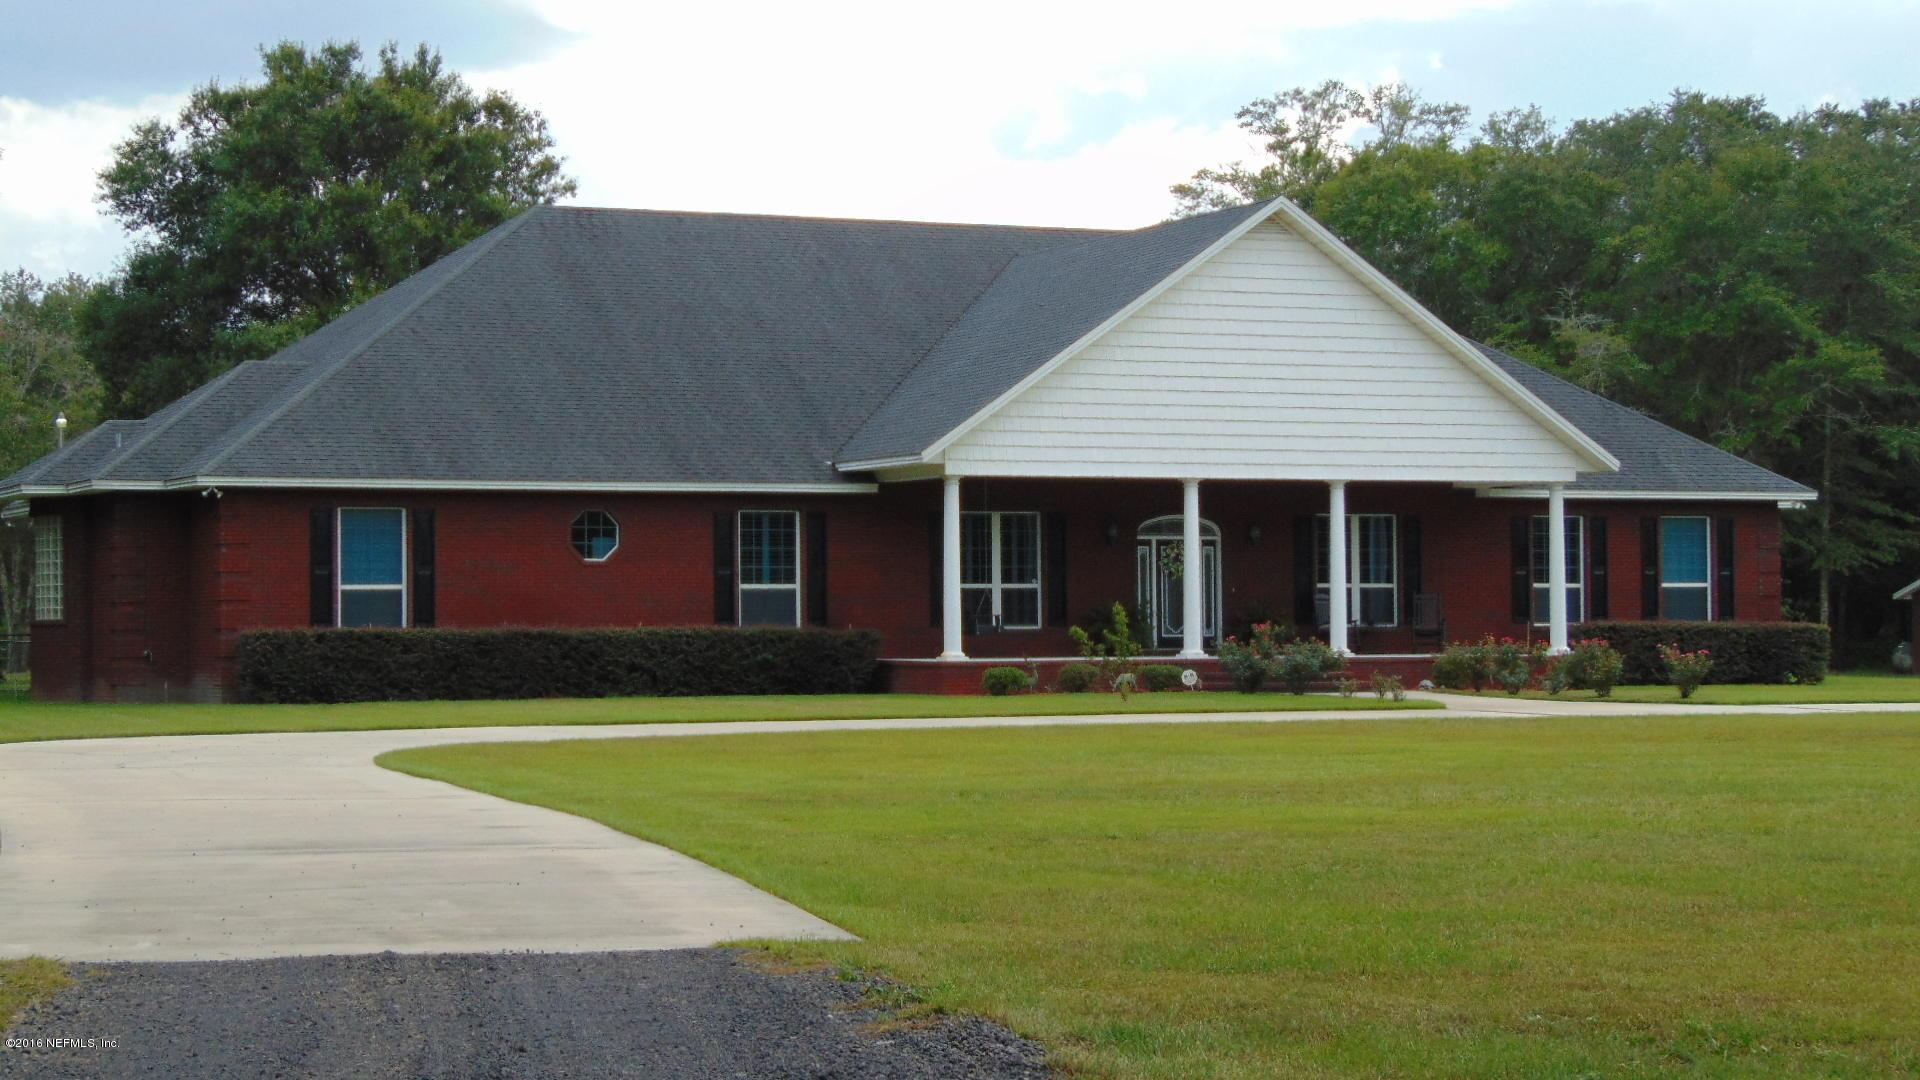 8140 NO ROAD,MACCLENNY,FLORIDA 32063-7526,5 Bedrooms Bedrooms,6 BathroomsBathrooms,Residential - single family,NO ROAD,840424